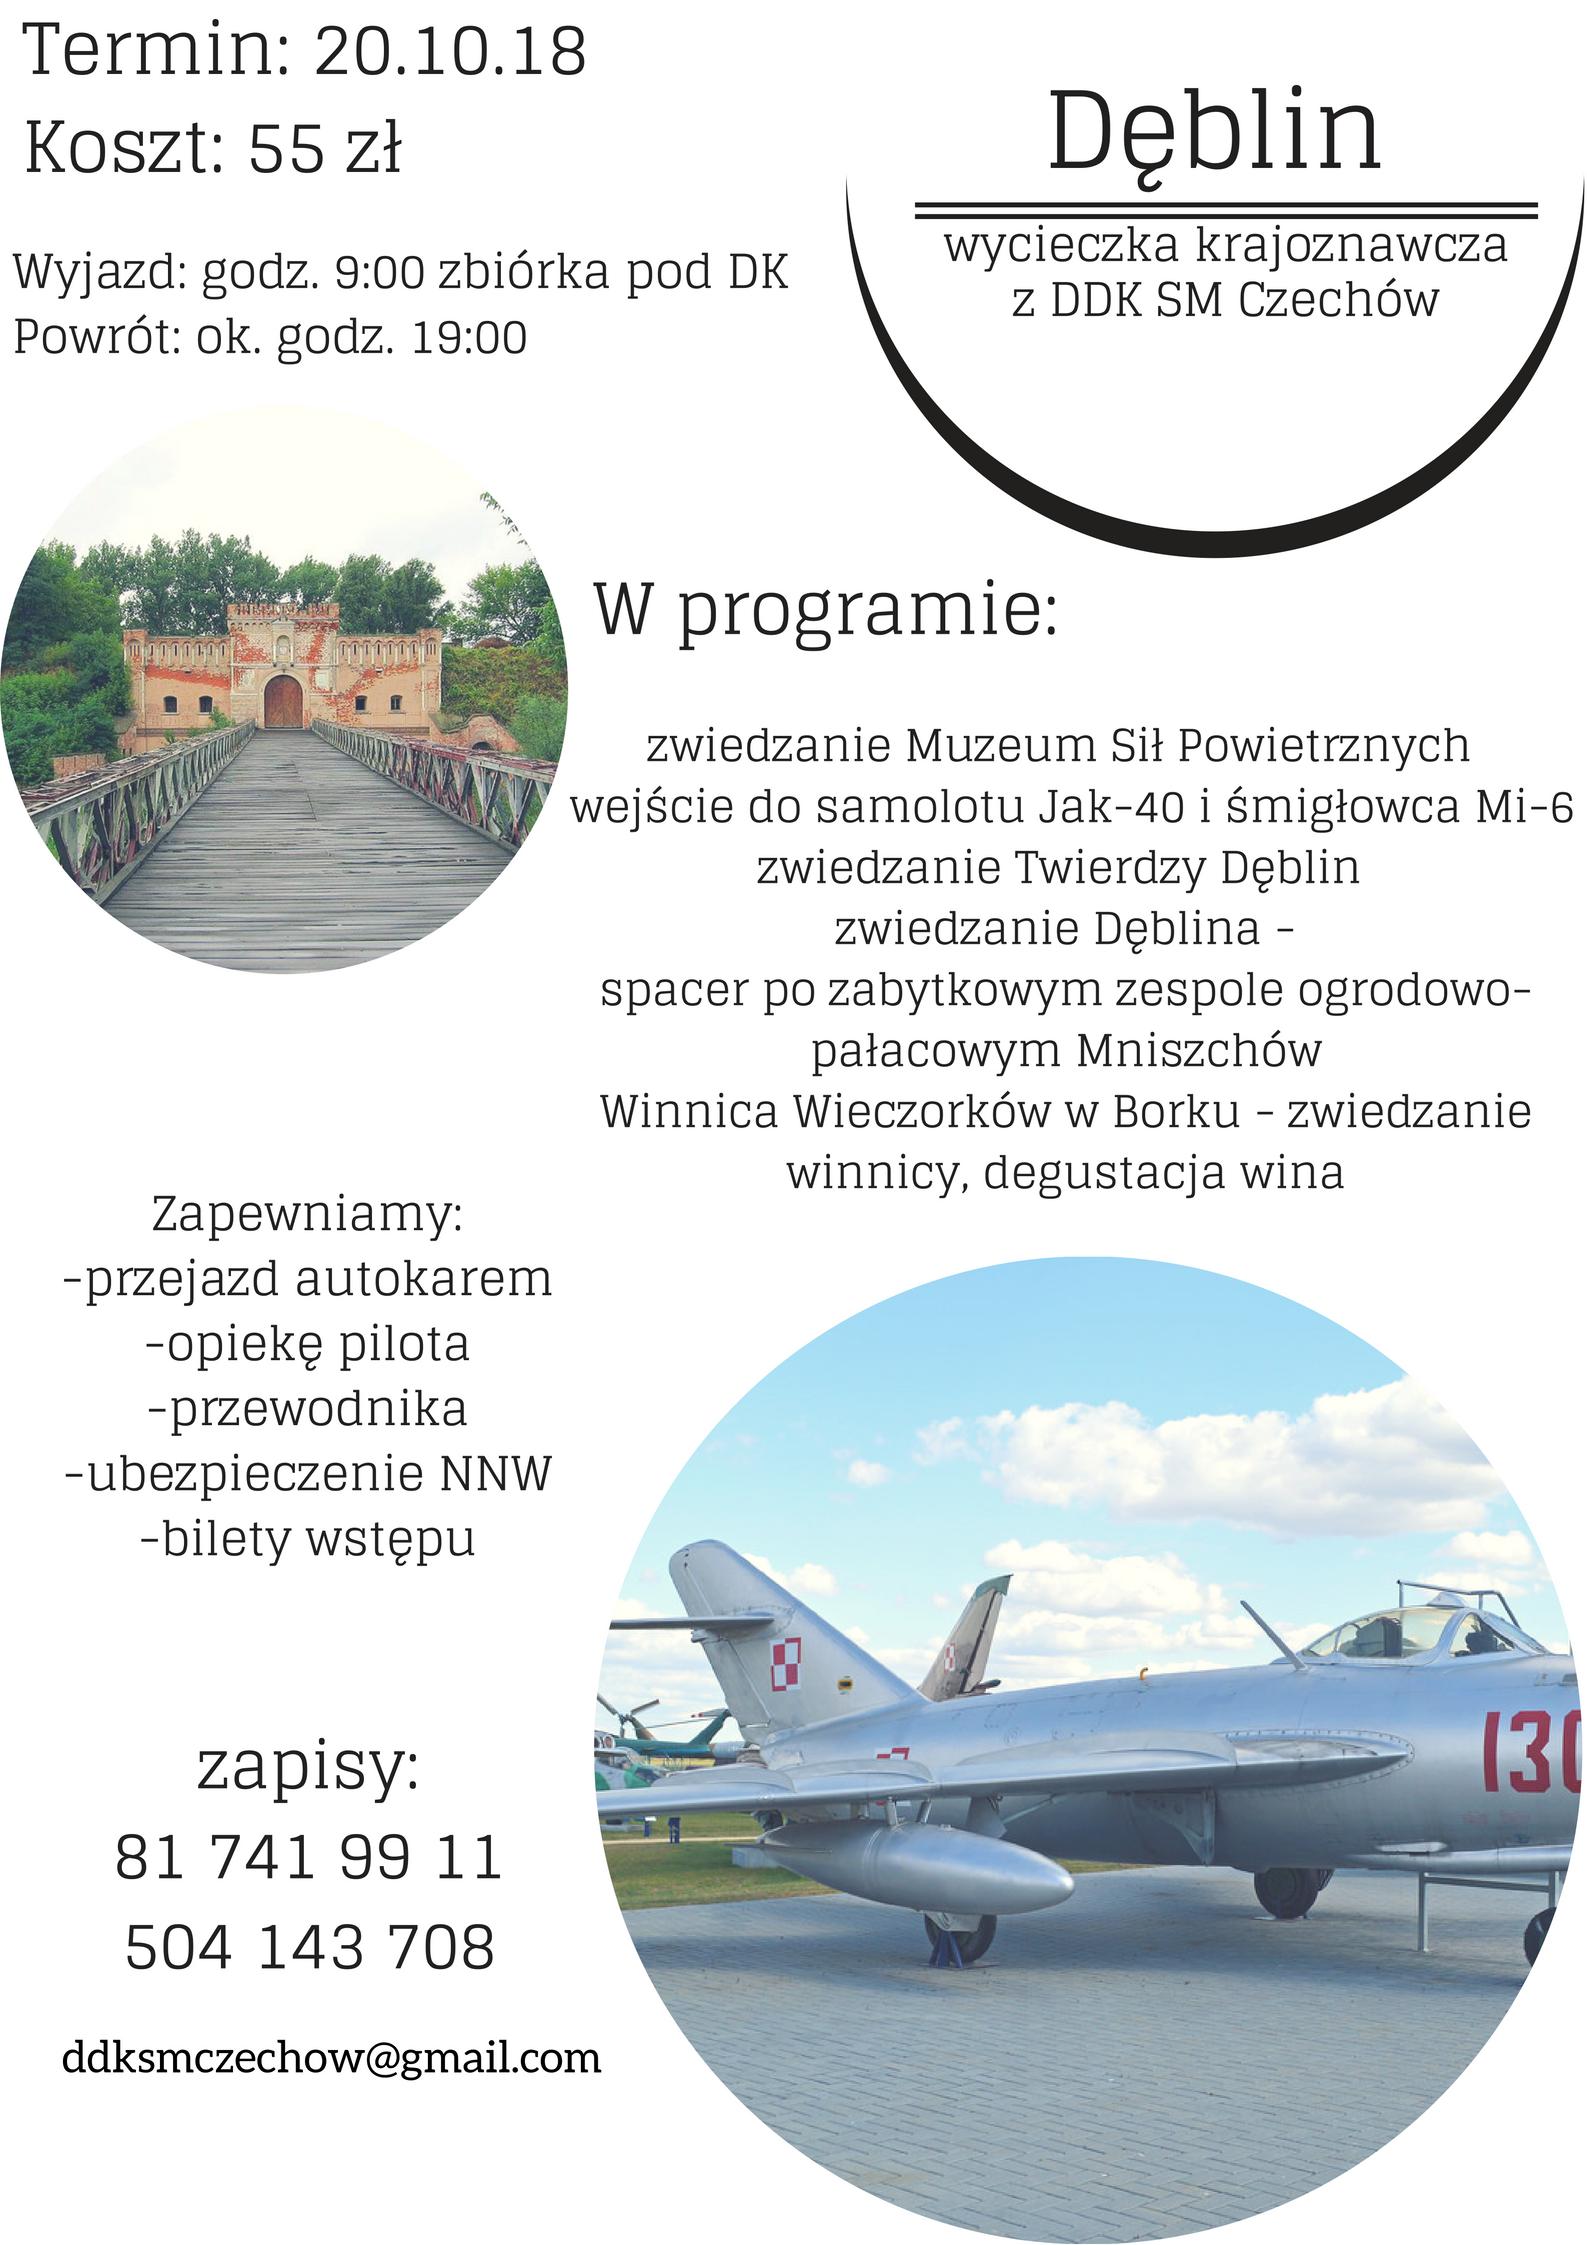 """Dęblin. Wycieczka krajoznawcza z DDK SM """"Czechów"""""""